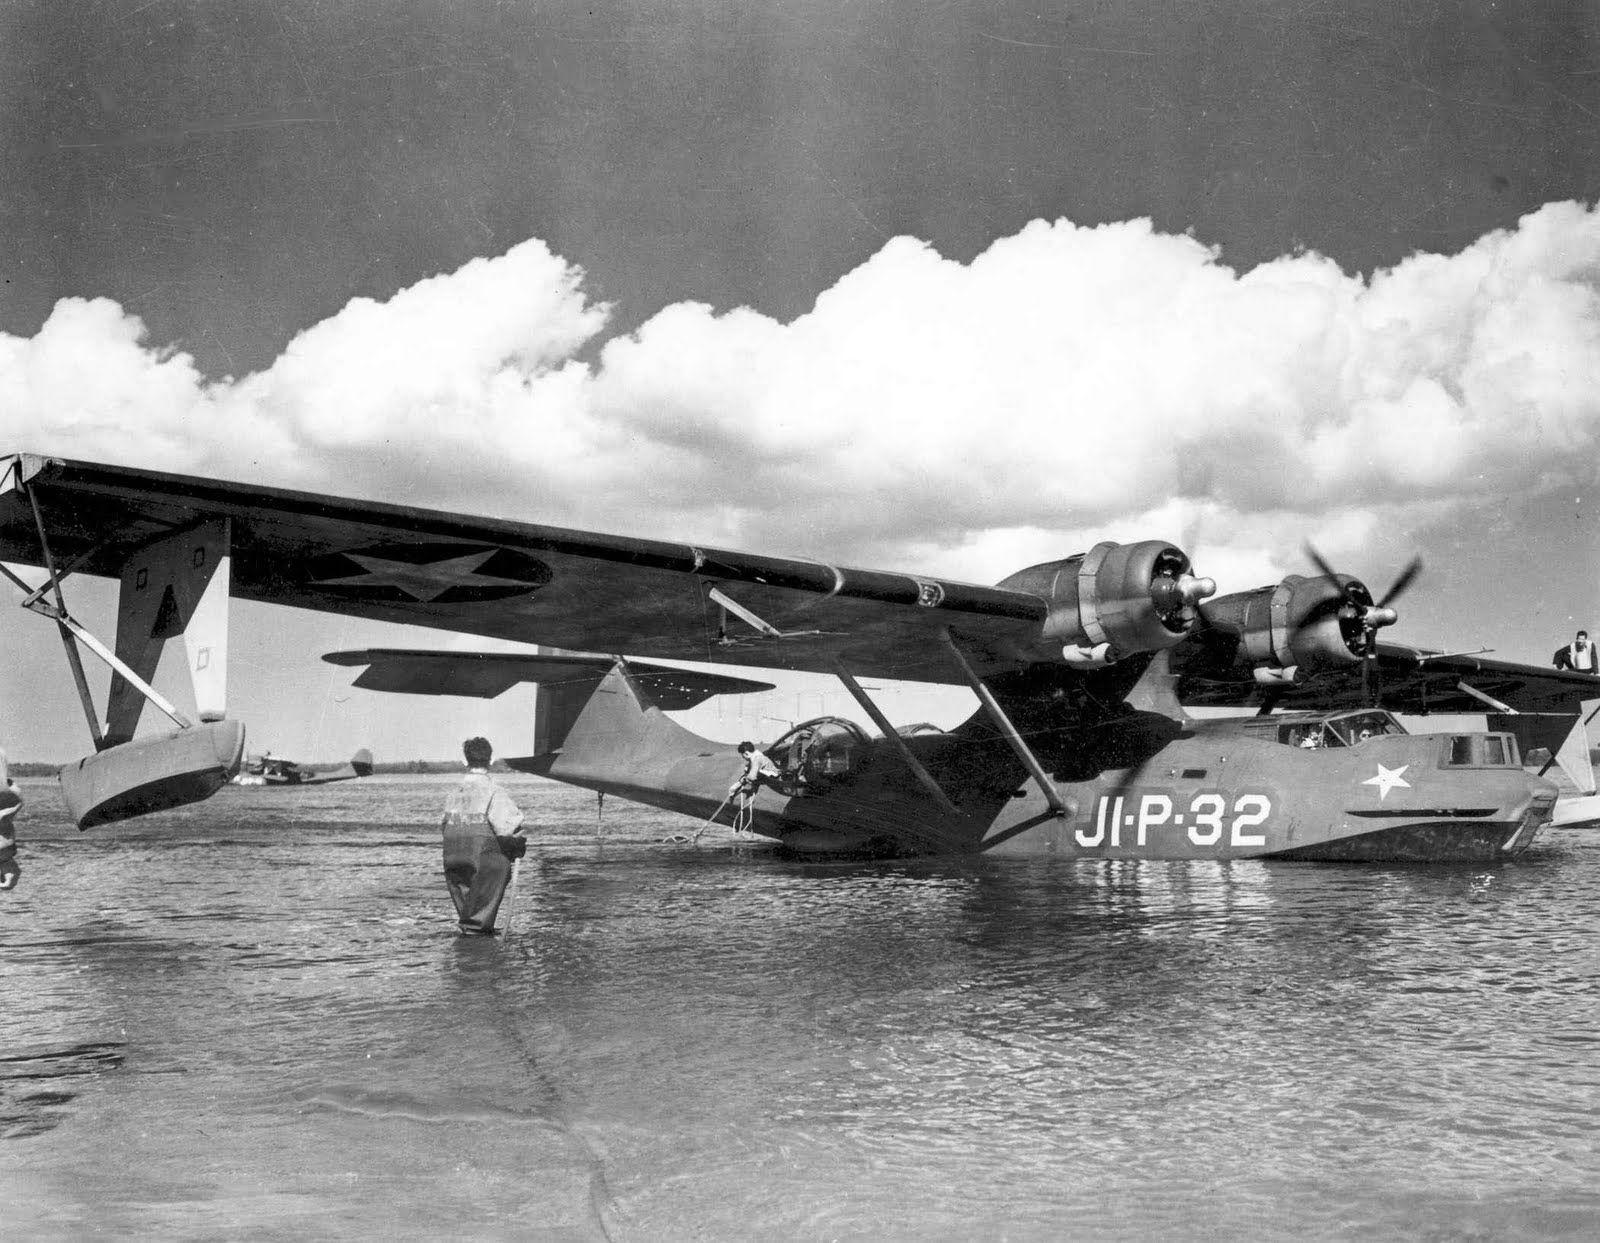 PBY+training+Squadron+NAS+JAX.jpg (JPEG Image, 1600 × 1243